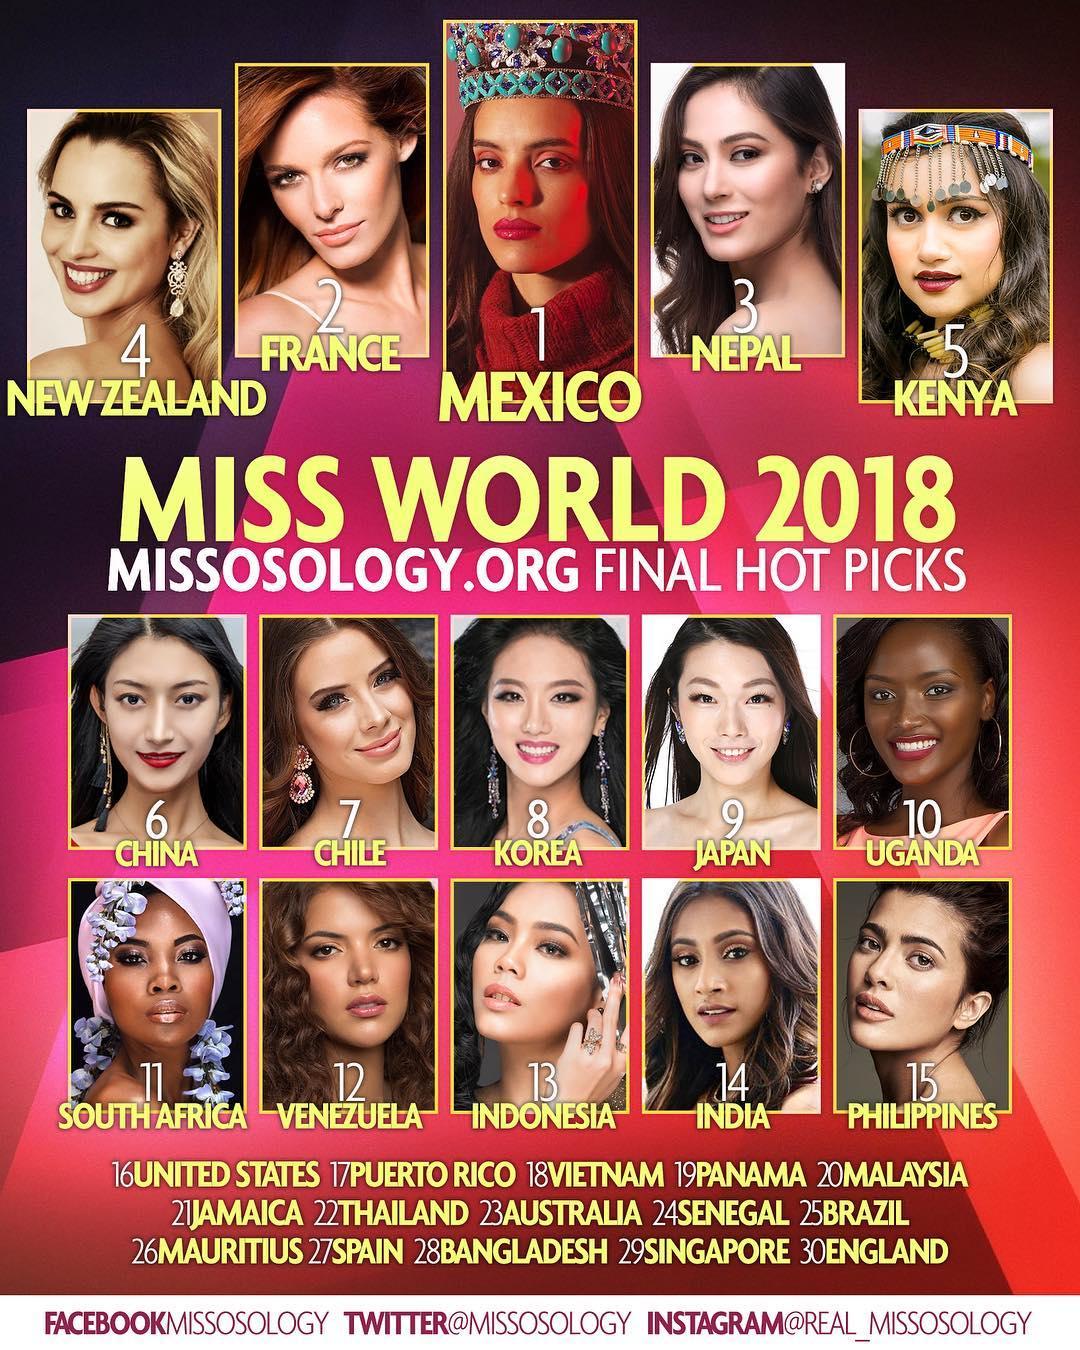 hot picks final de missosology para miss world 2018. Ex46hrcb